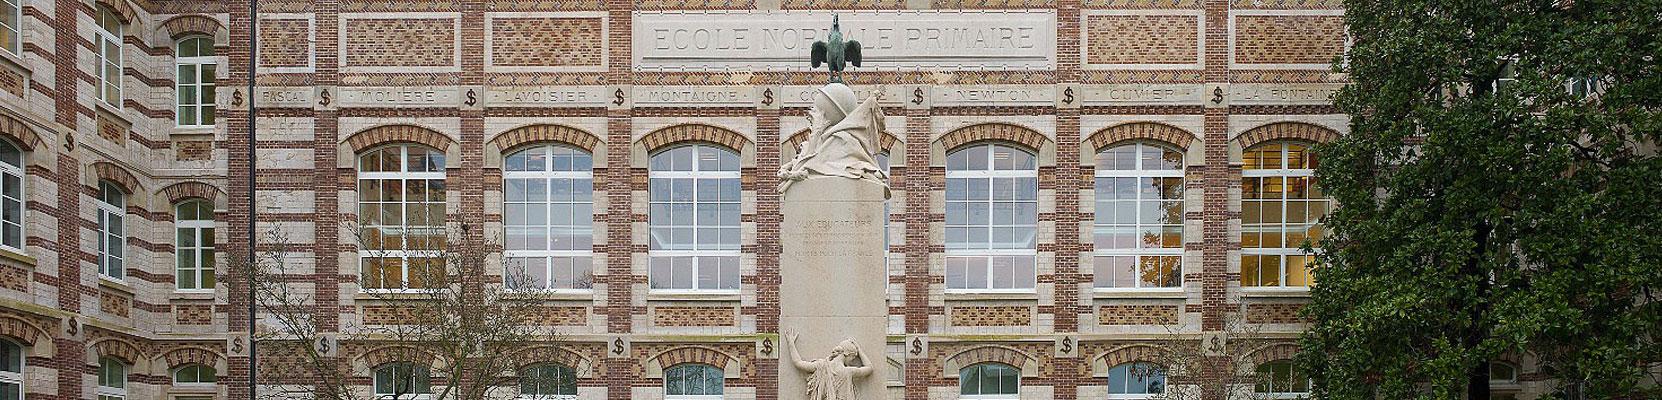 Restauration de façade pour le Pôle des Savoirs à Rouen